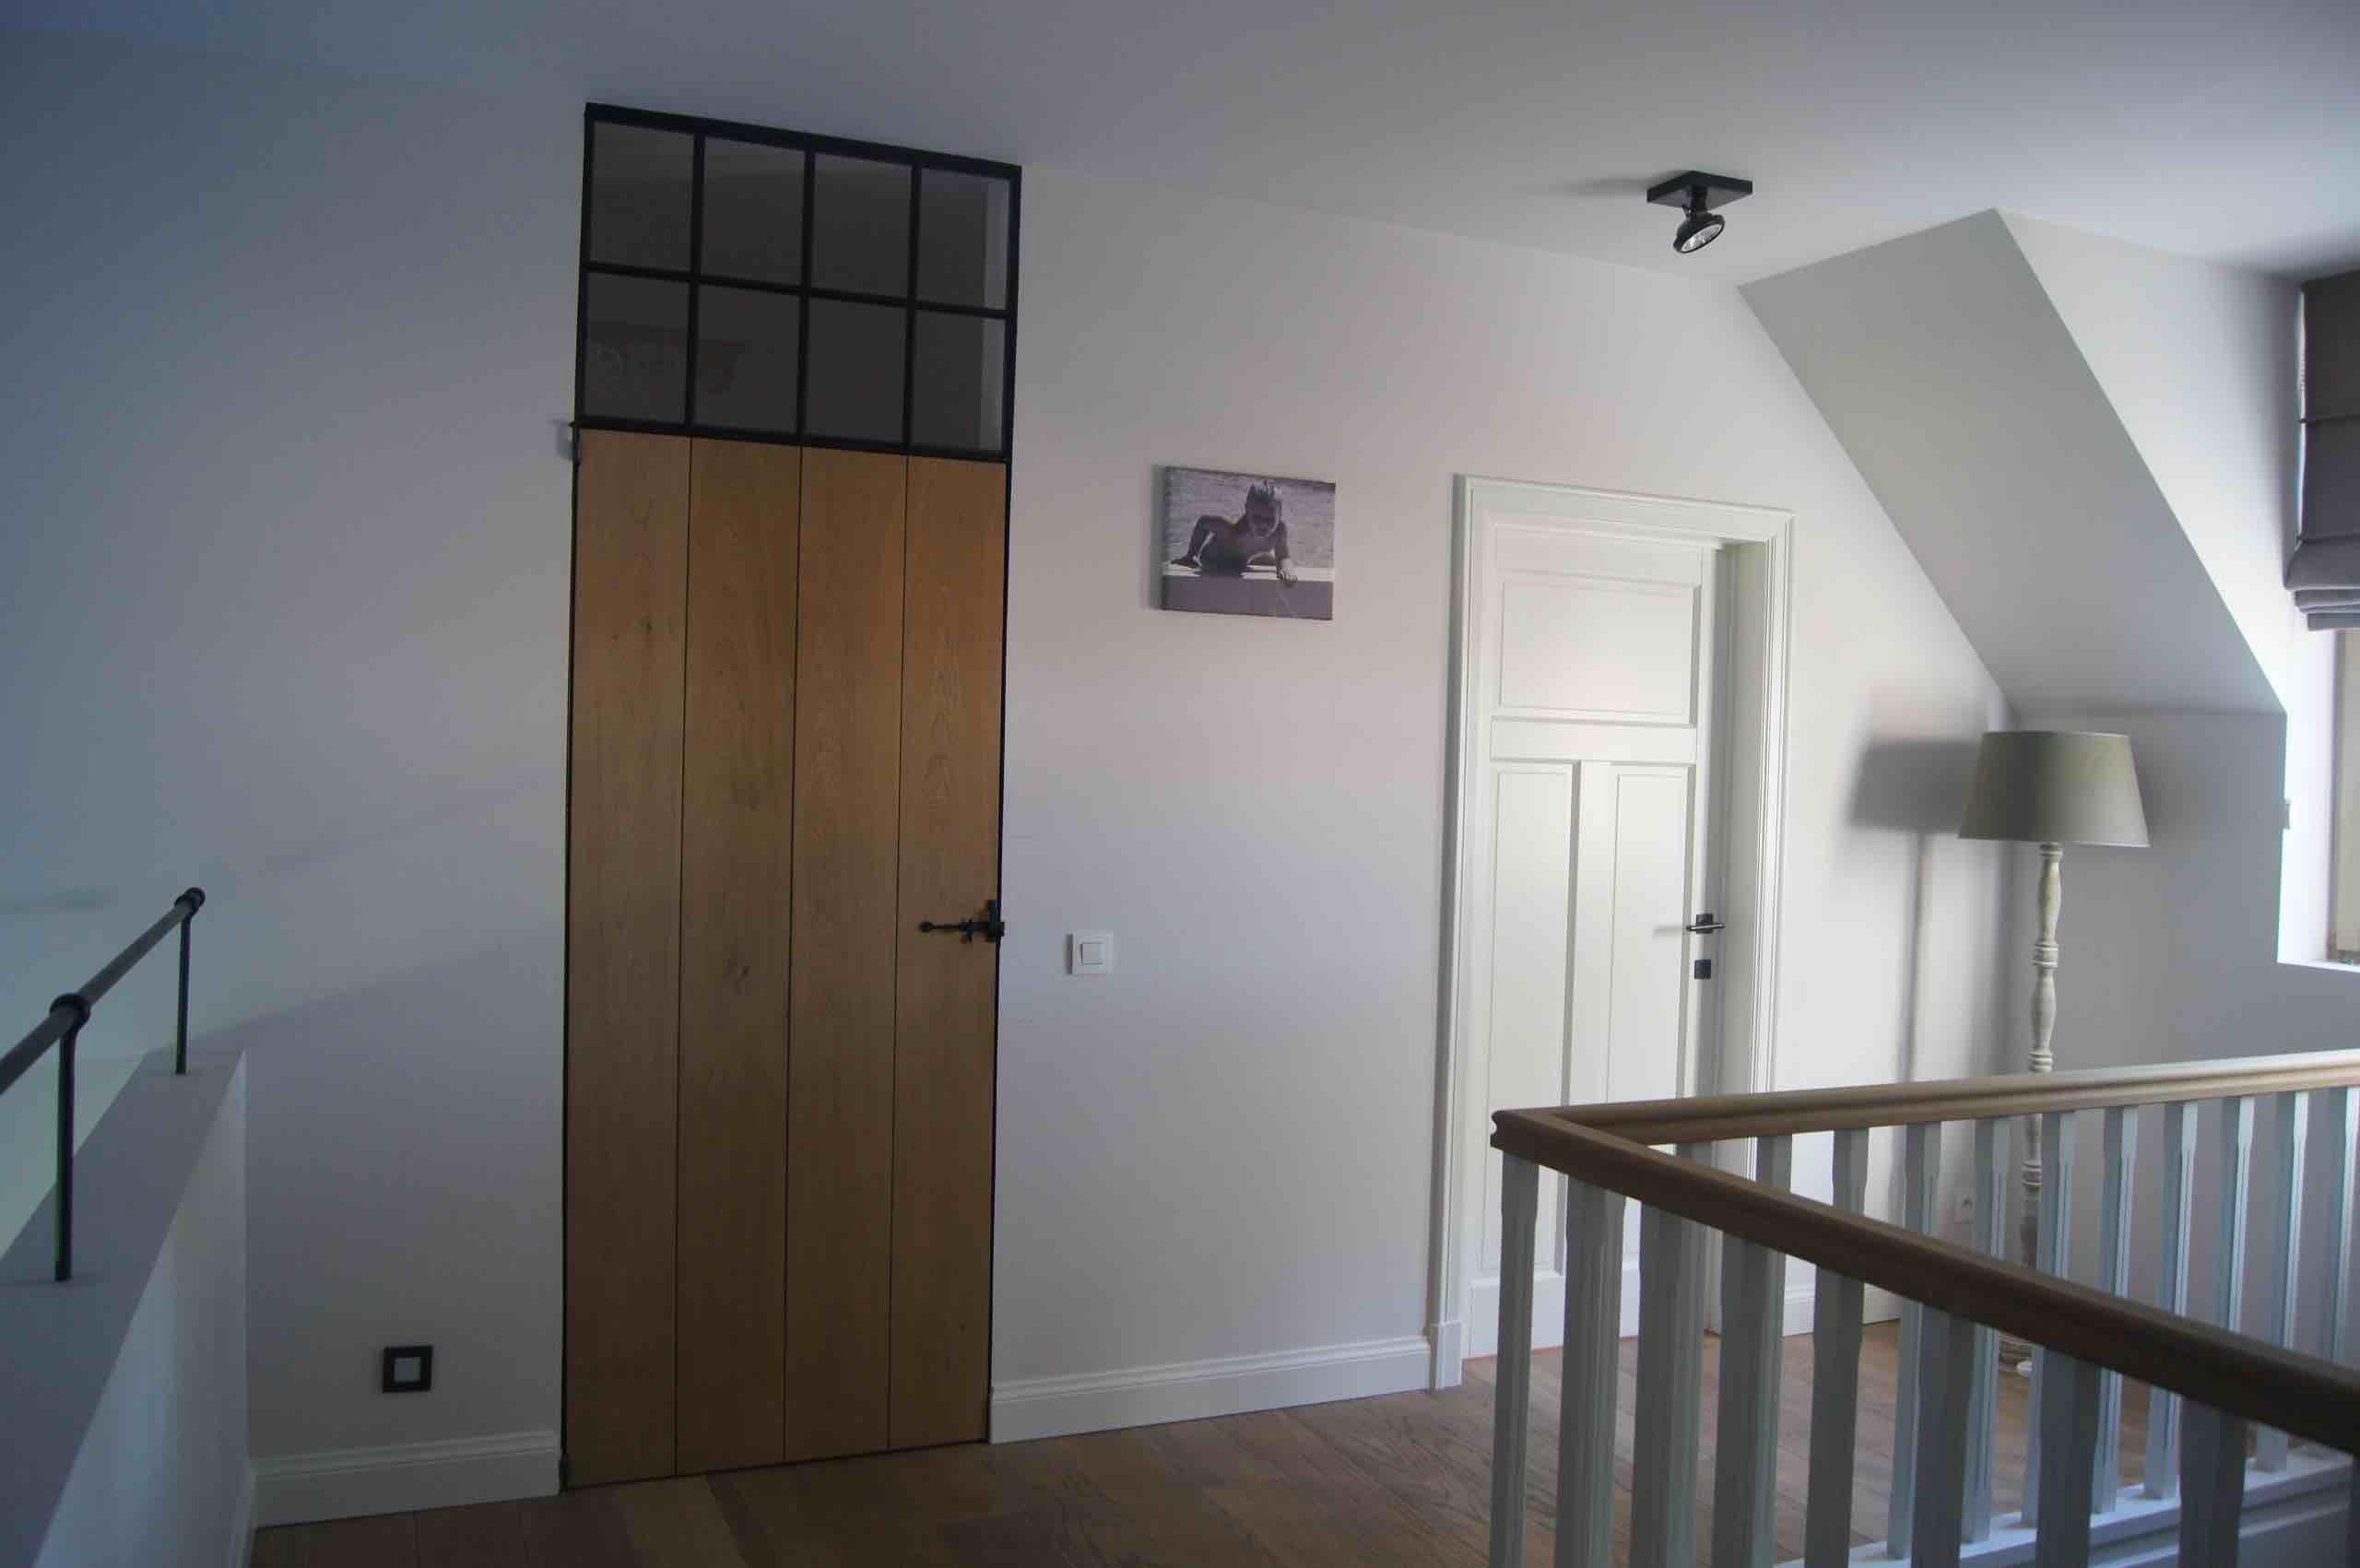 Totaalproject, eiken deur, paneeldeuren, parket, trap met balustrade in eik